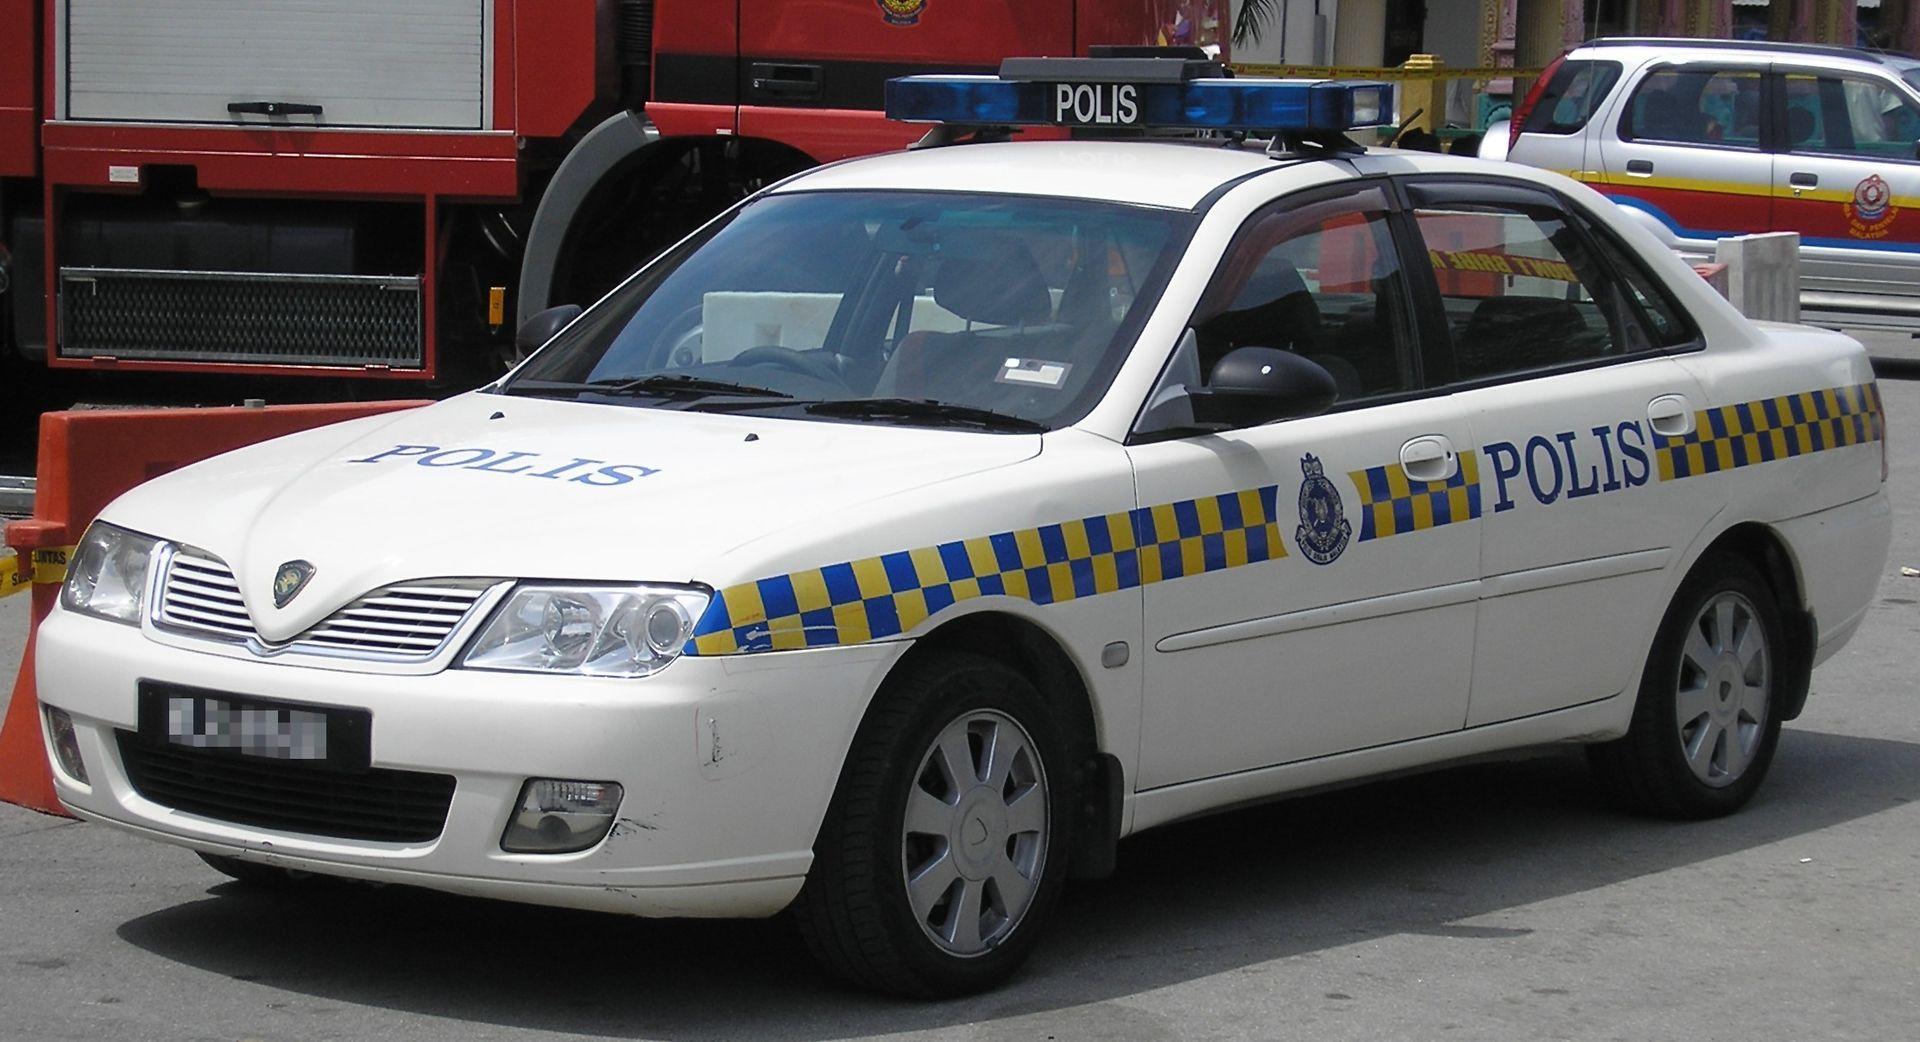 Royal Police Malaysia